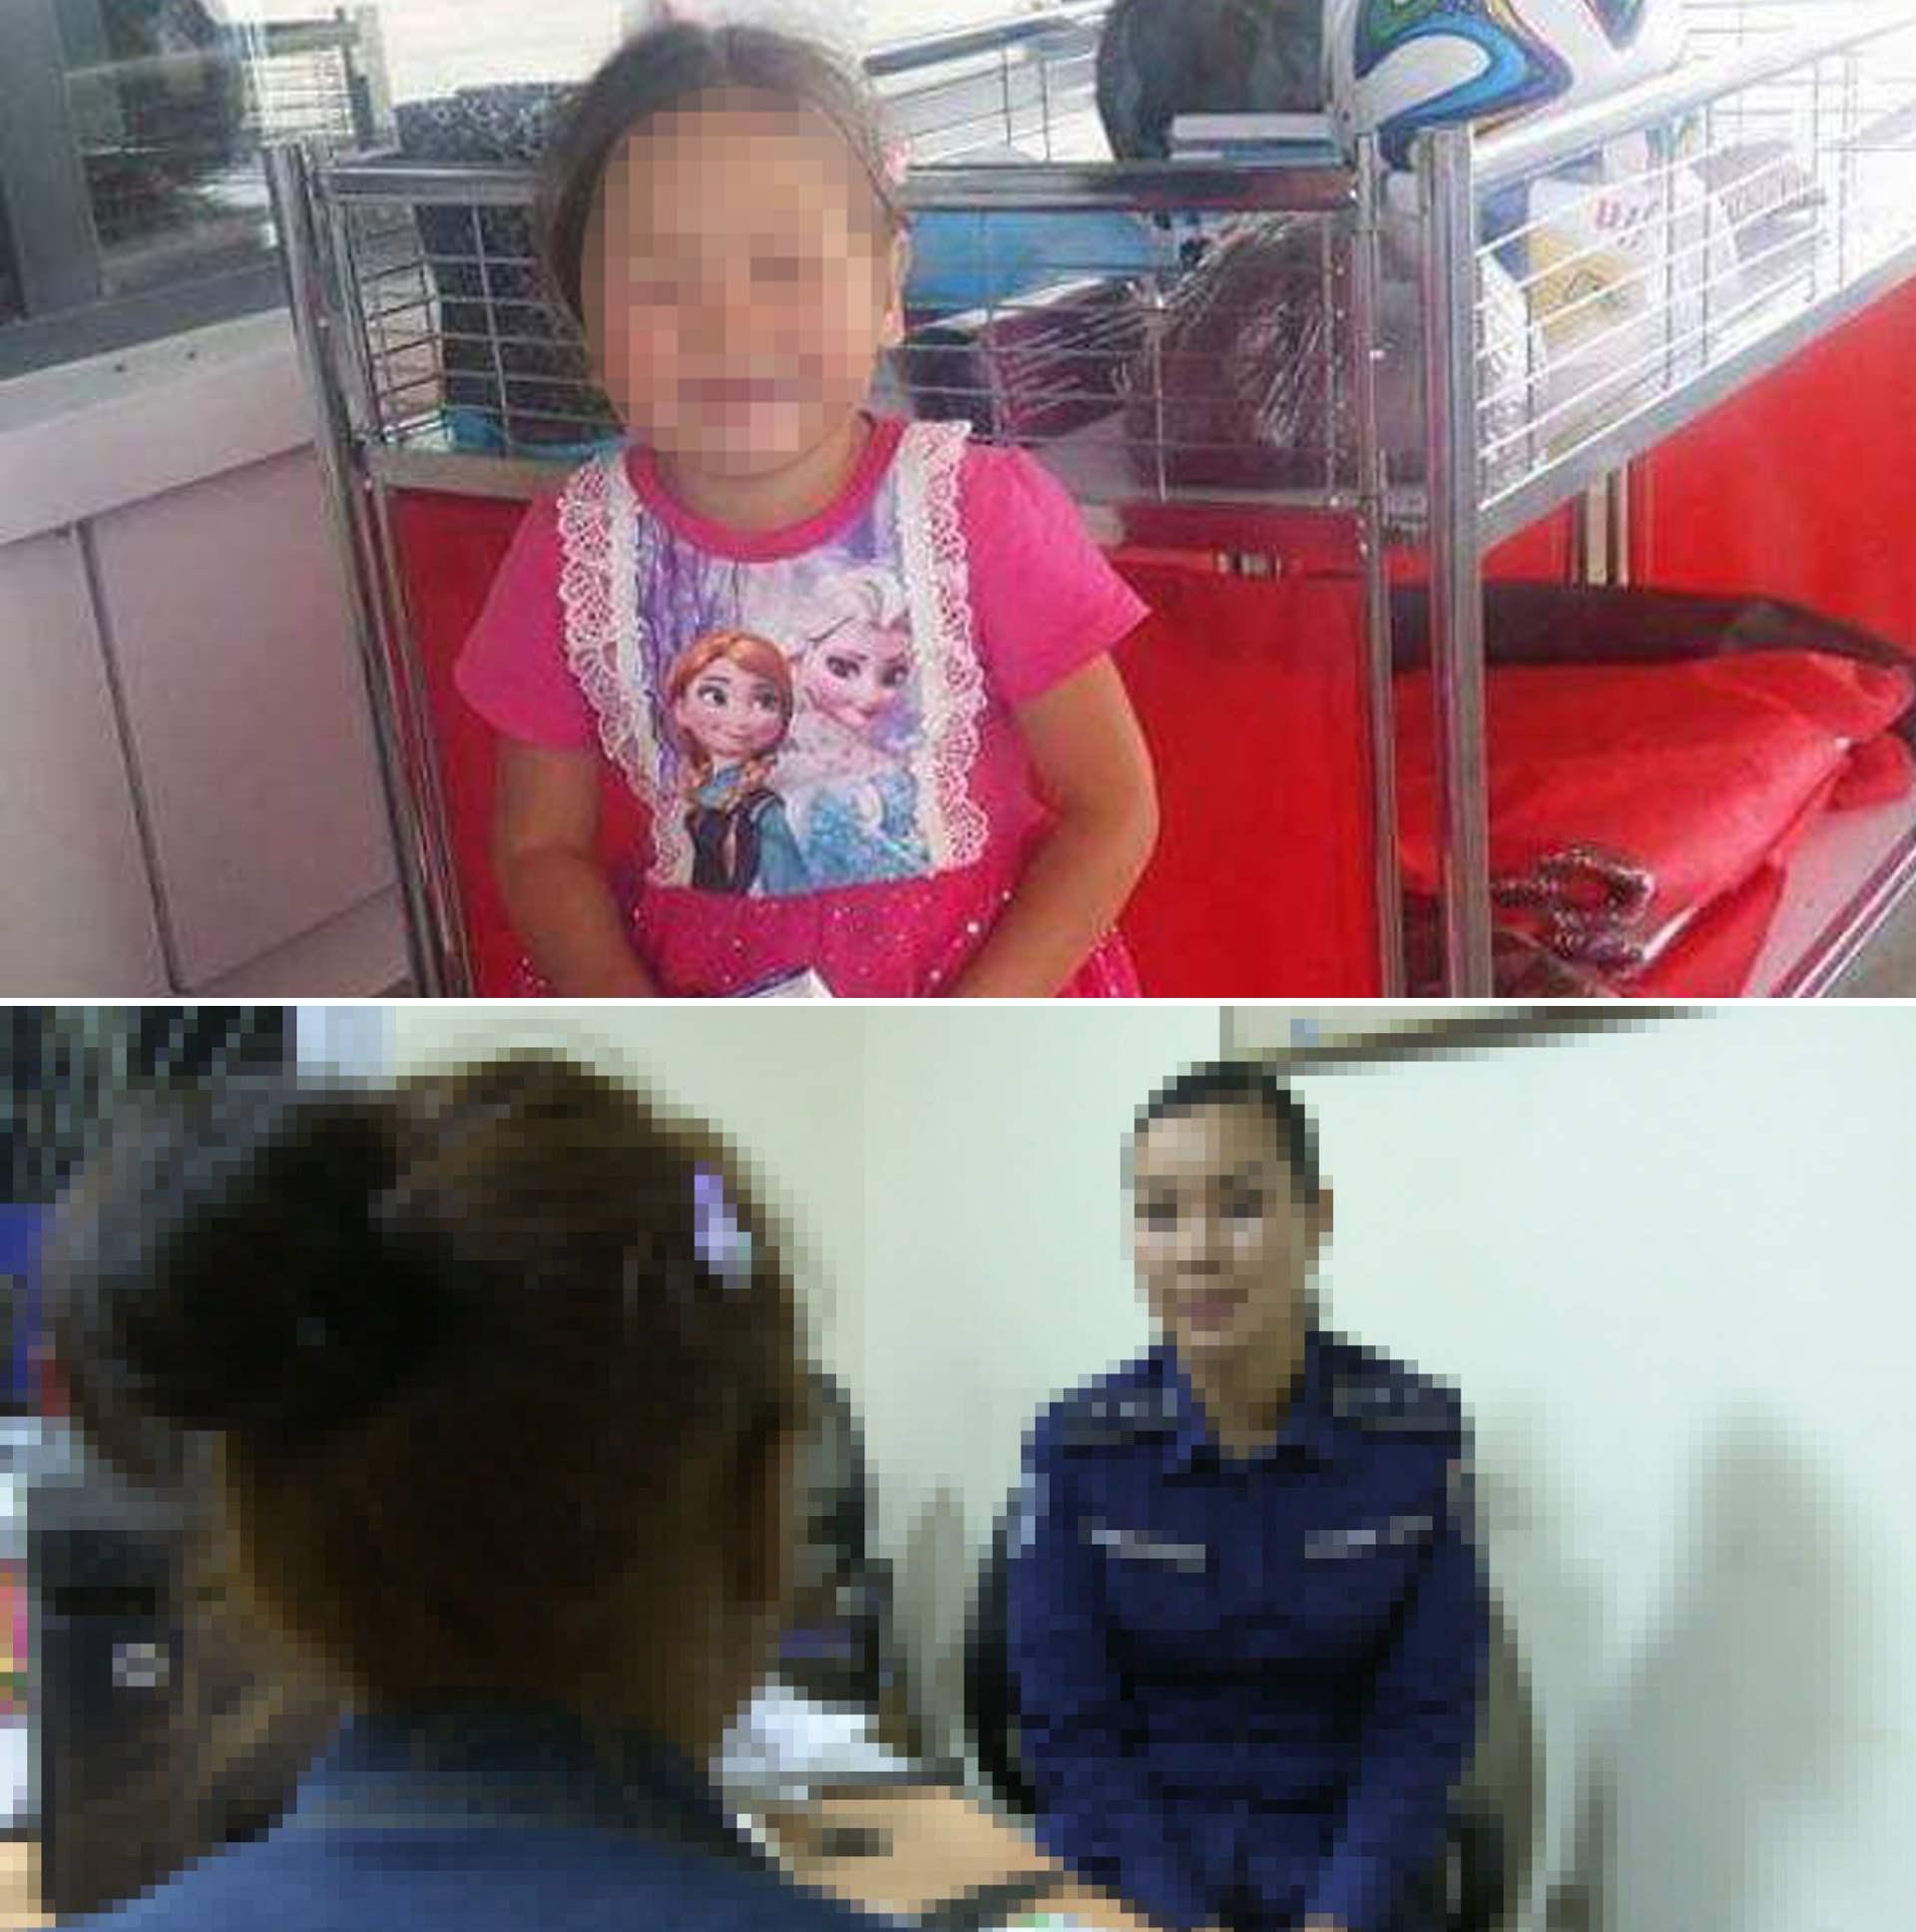 jy-2-1 Хүүхэд хулгайлсан эмэгтэйд гурван жилийн ял оноов